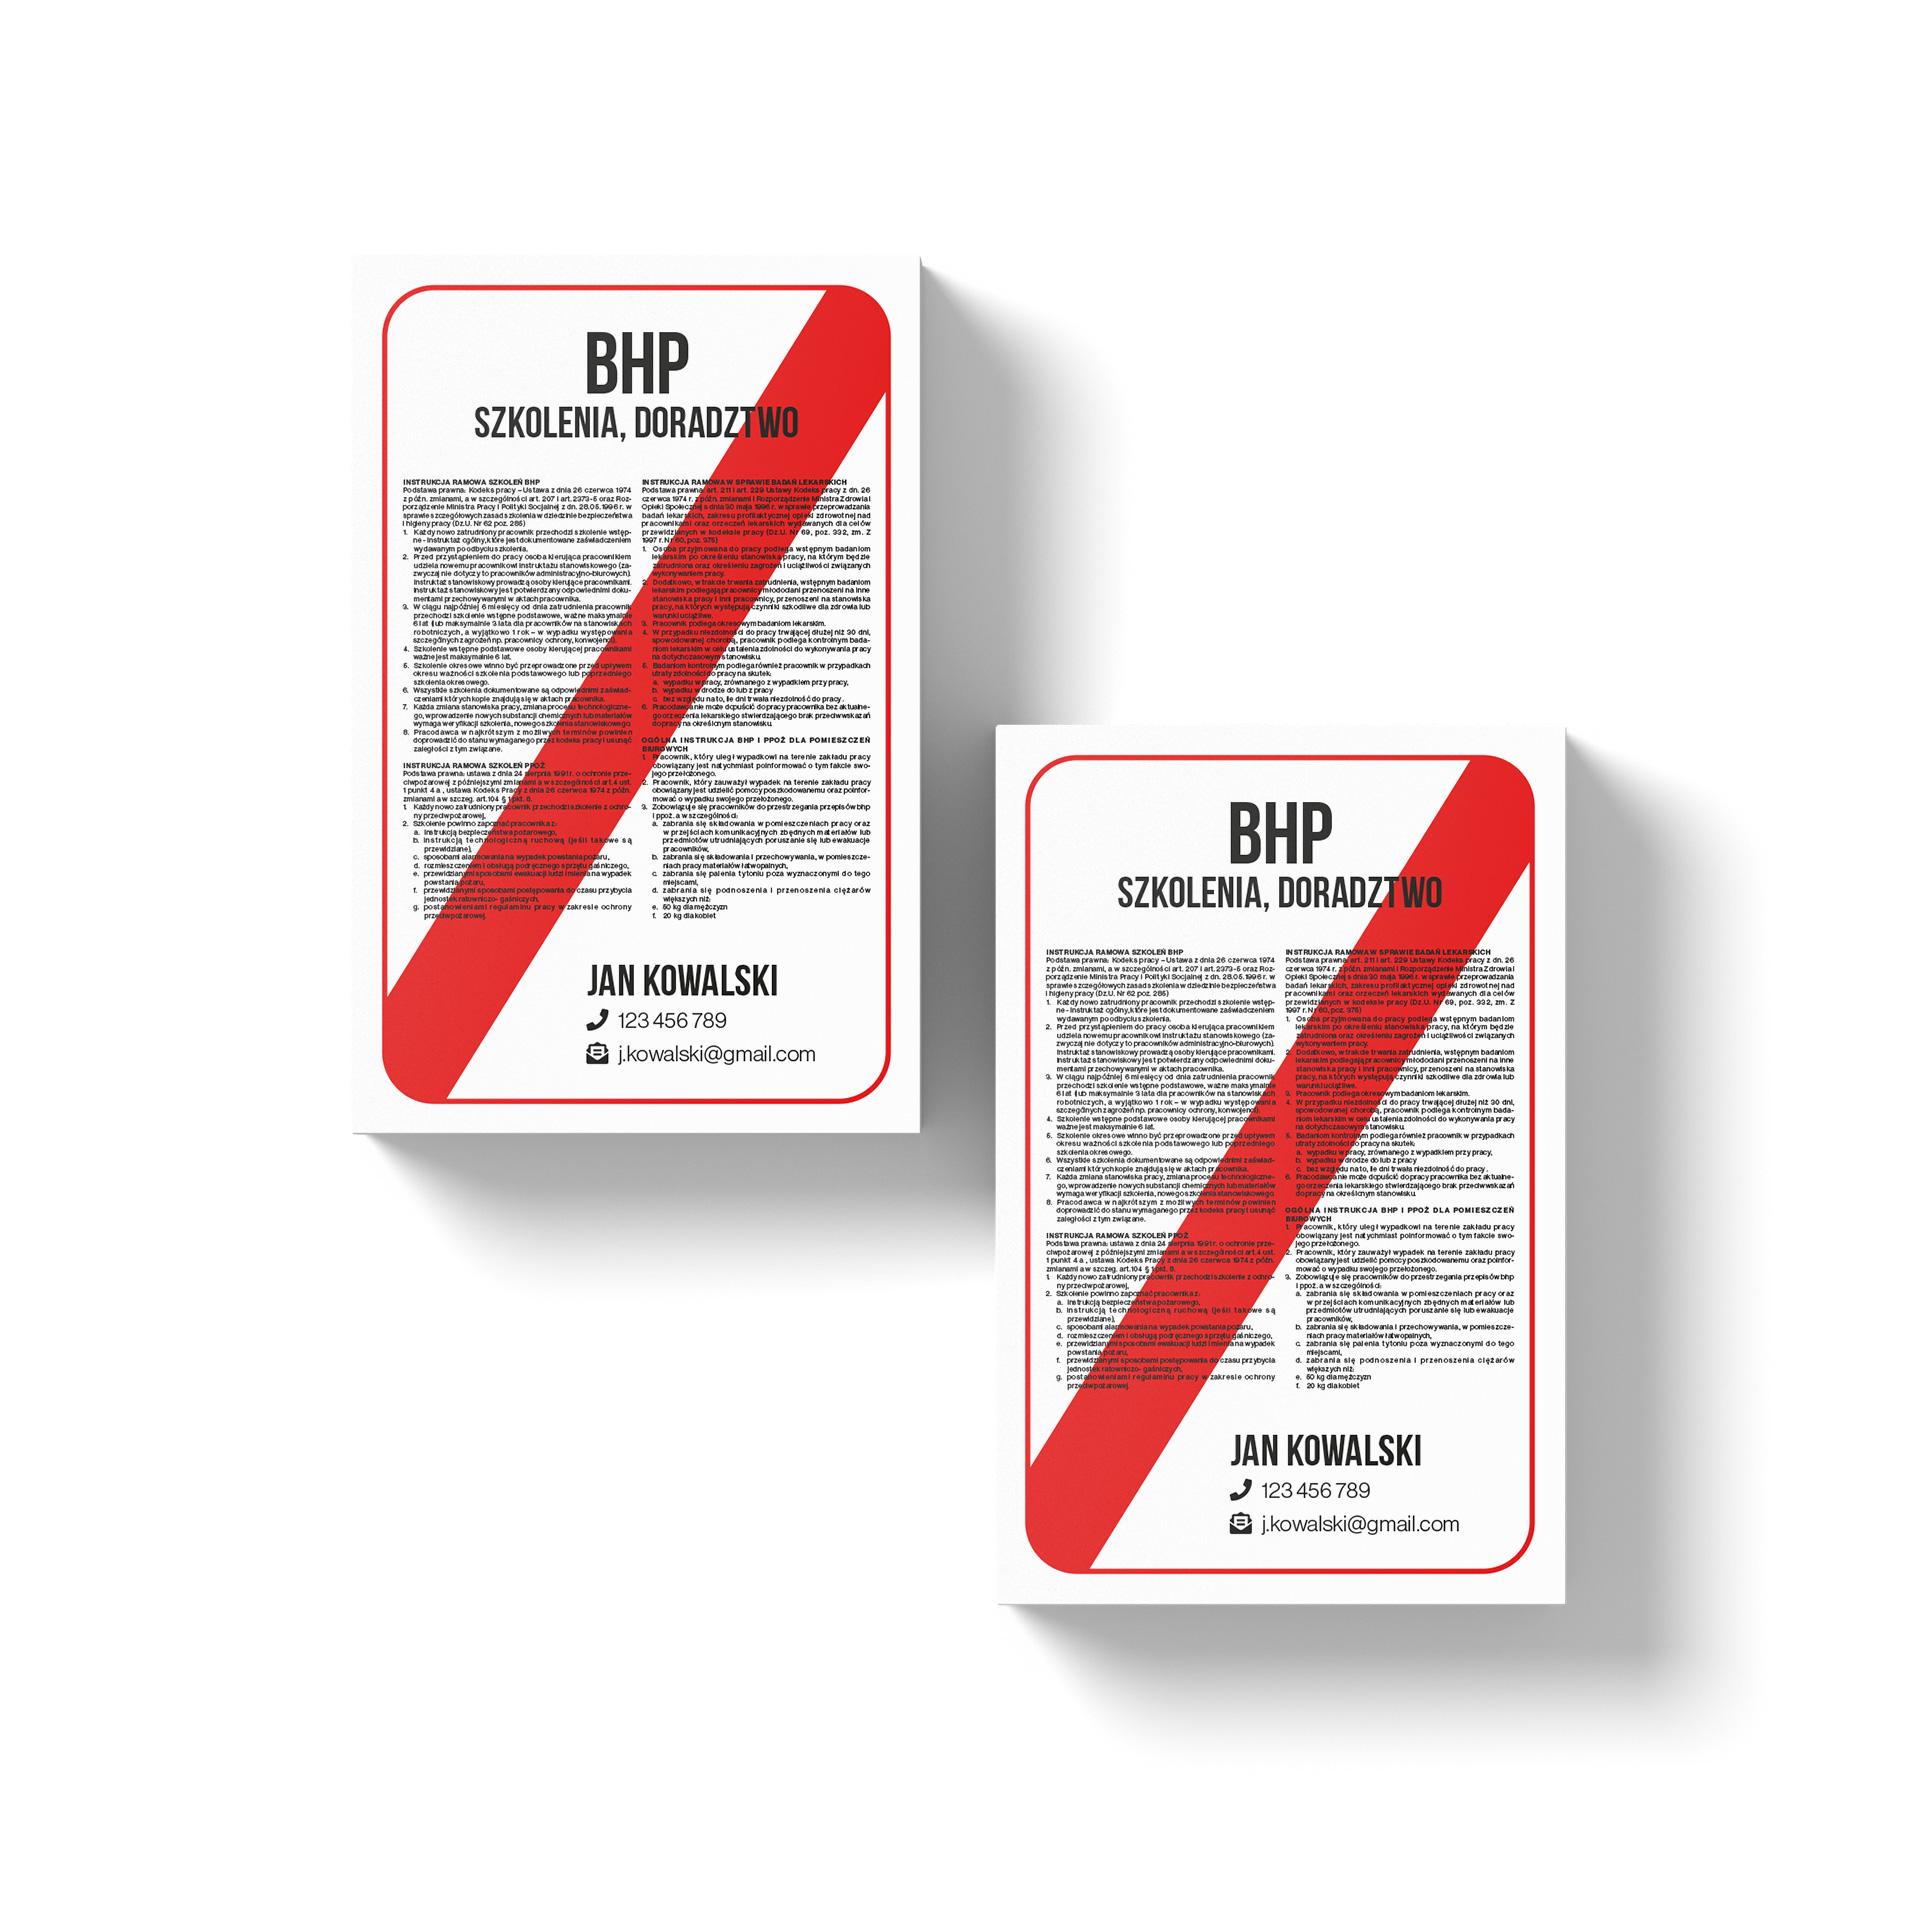 wizytówki dla specjalisty bhp